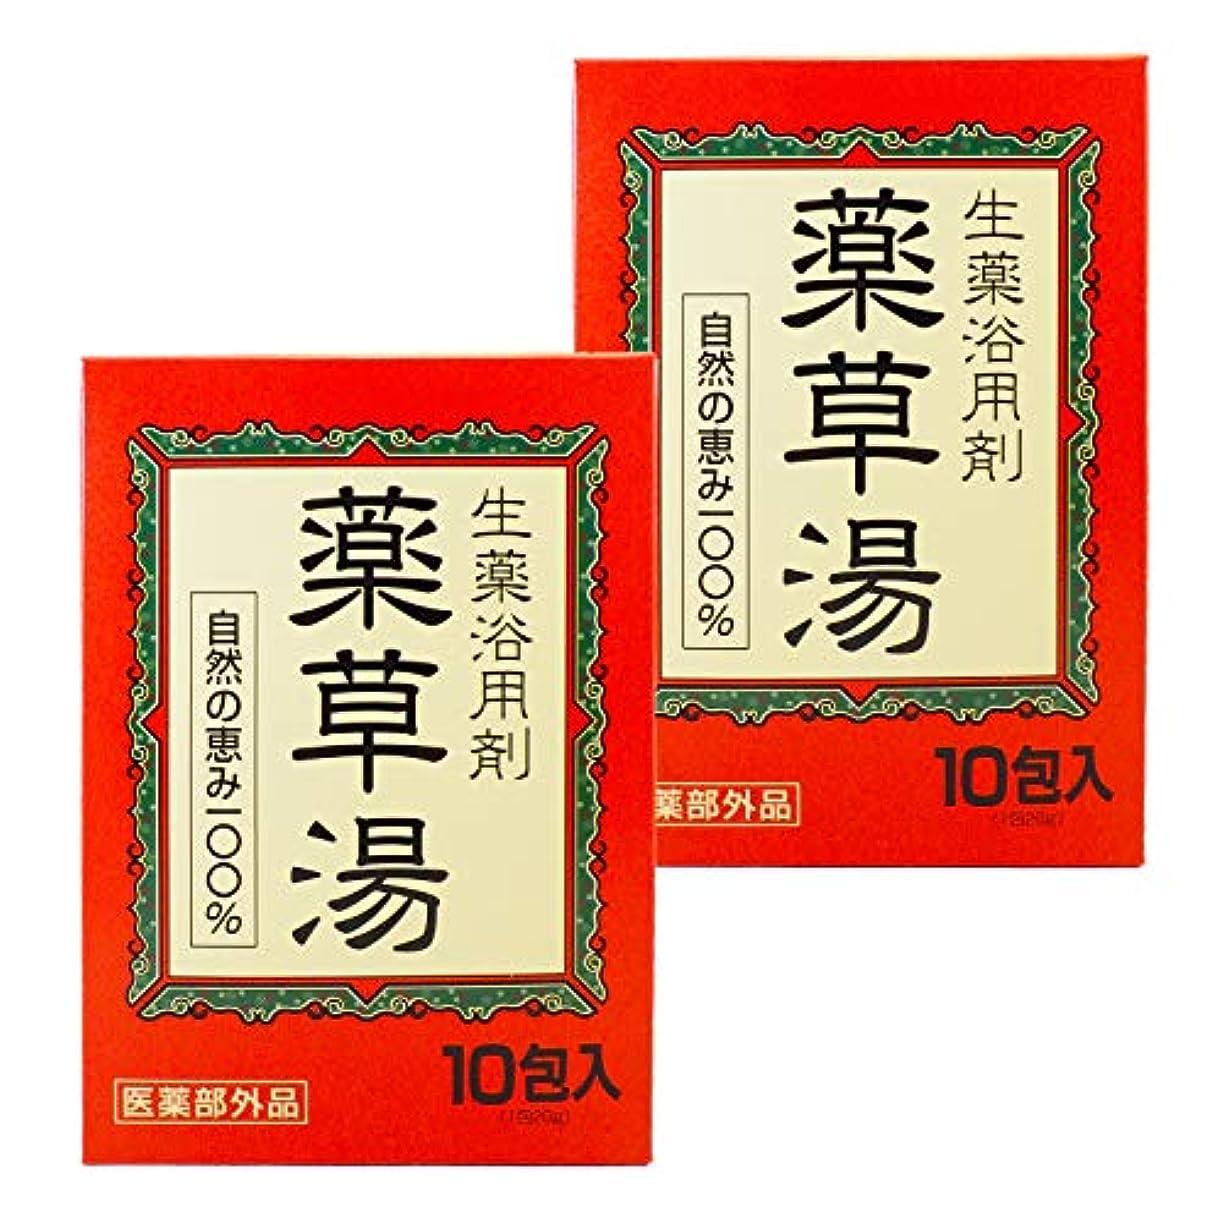 傭兵自分を引き上げる理解【まとめ買い】 薬草湯 生薬浴用剤 10包入×2個 自然のめぐみ100% 医薬部外品